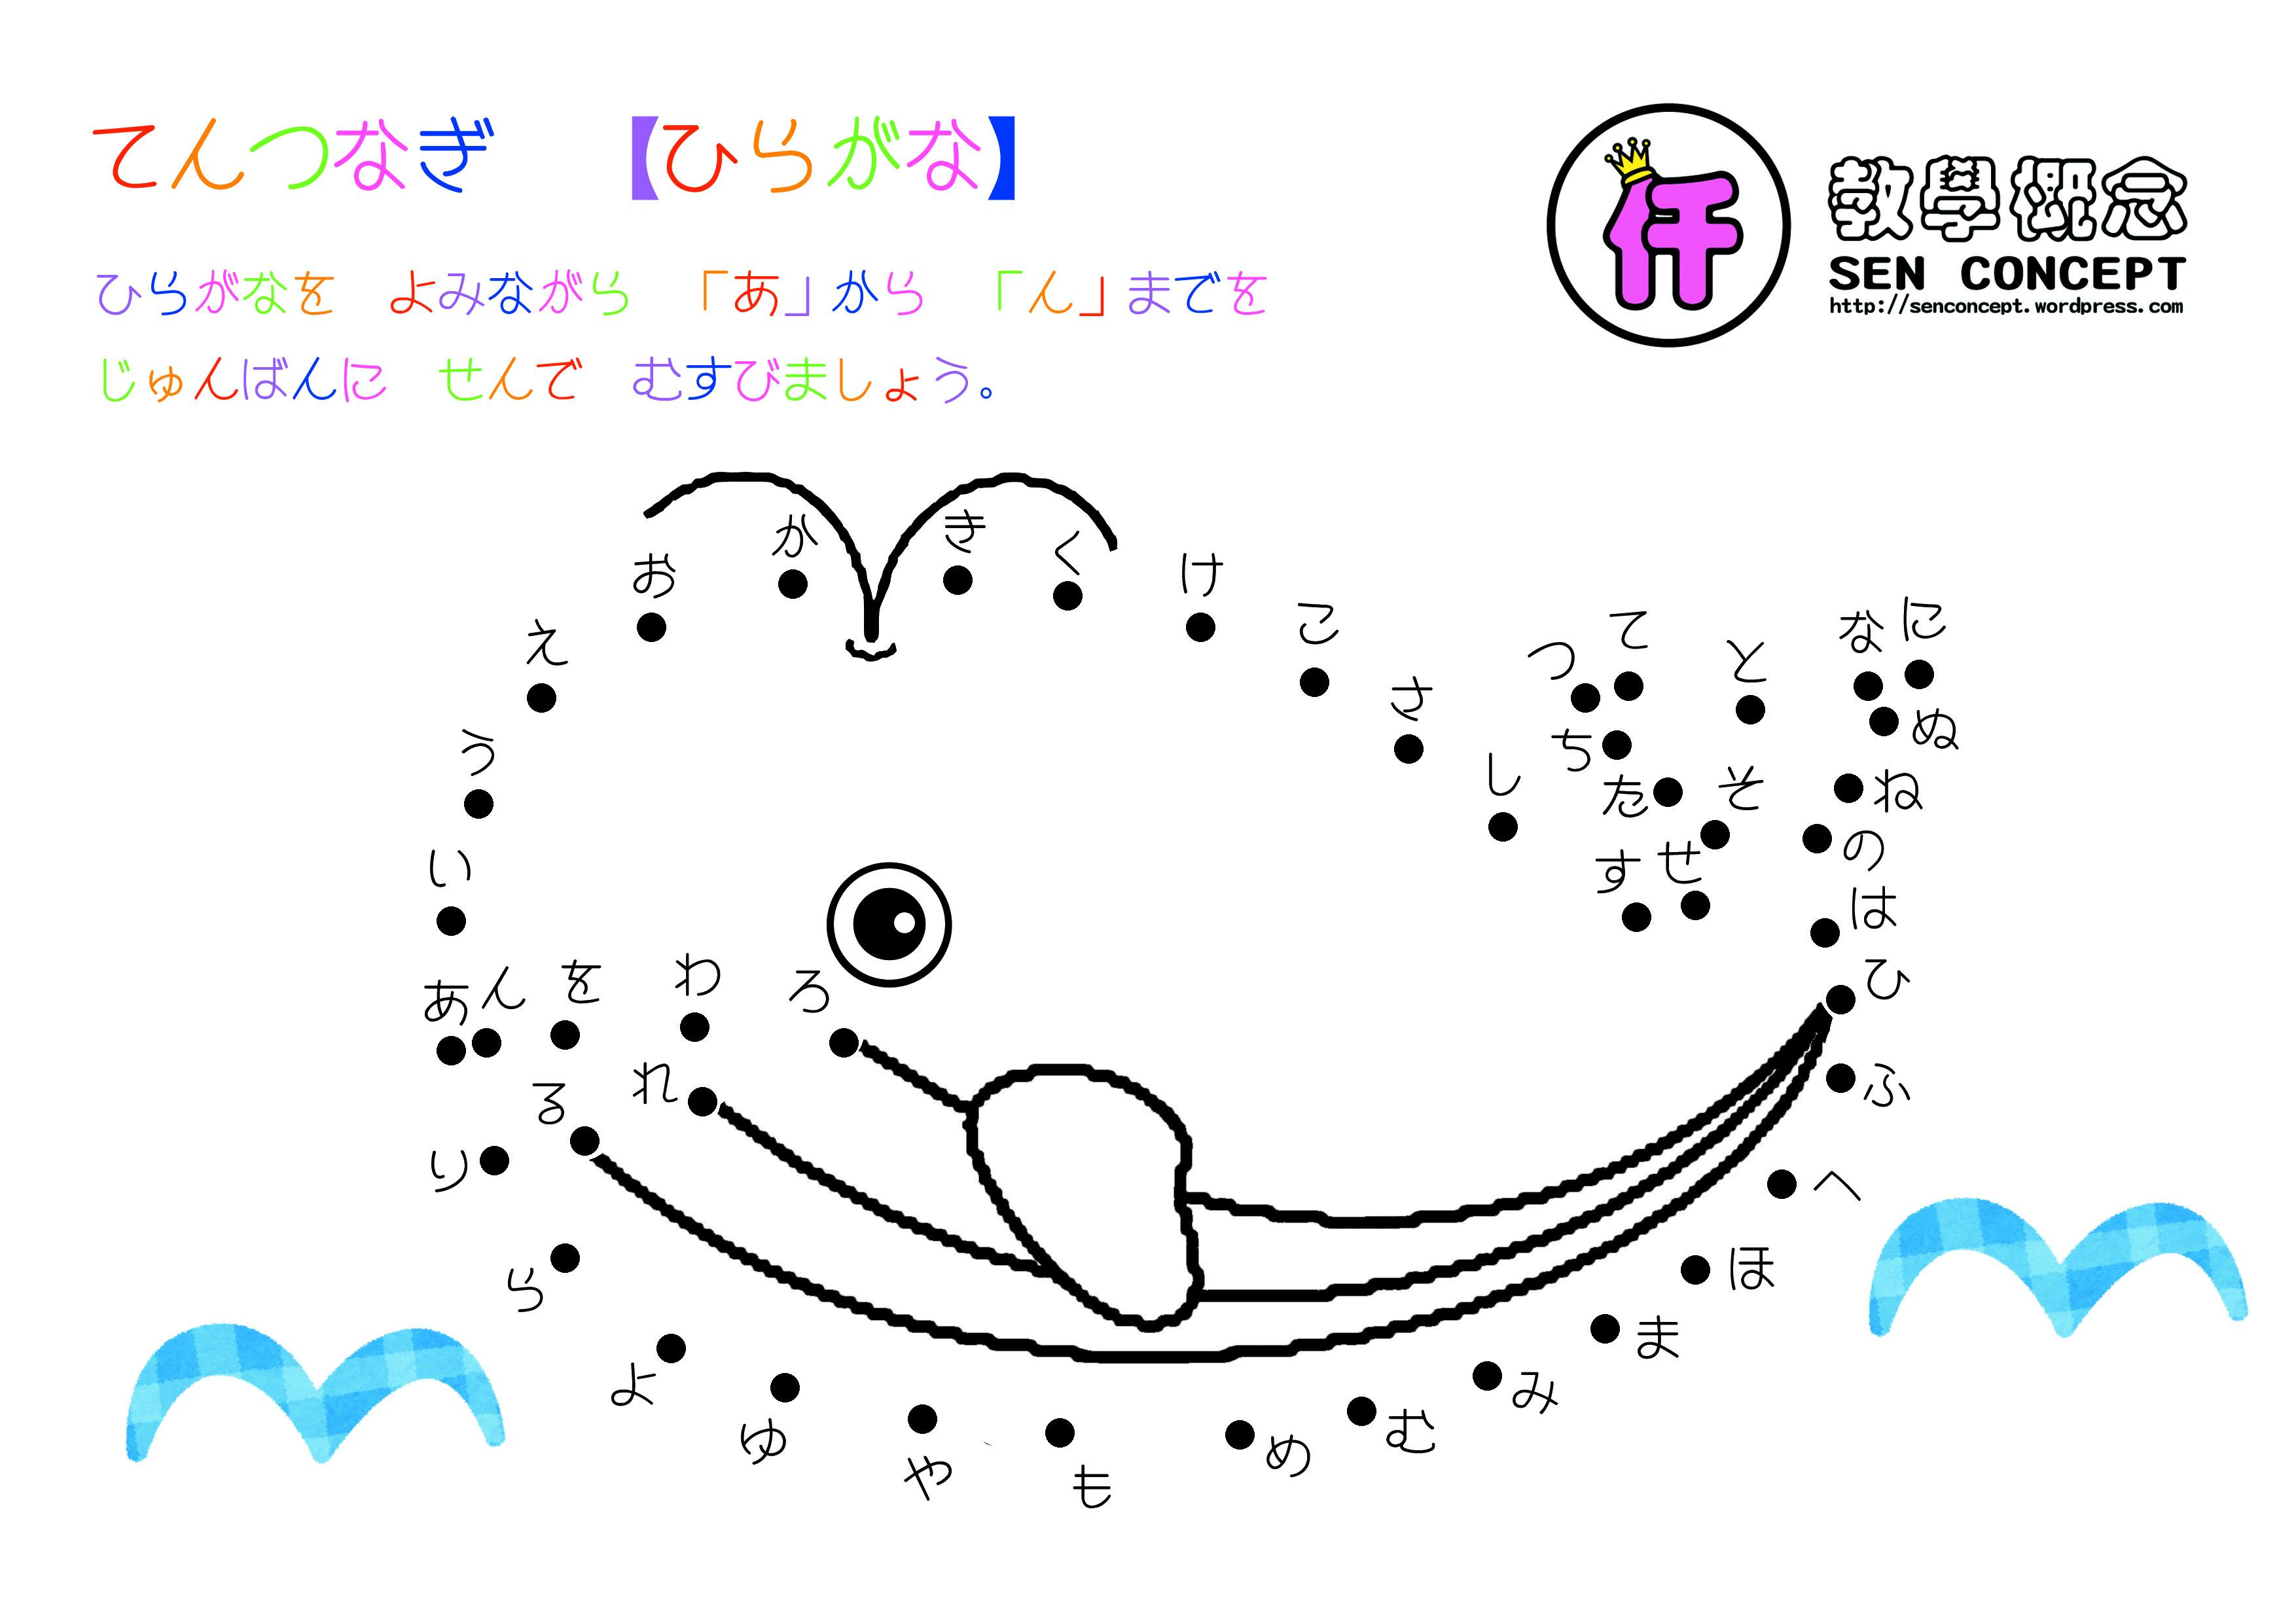 五十音(ごじゅうおん)   SEN CONCEPT